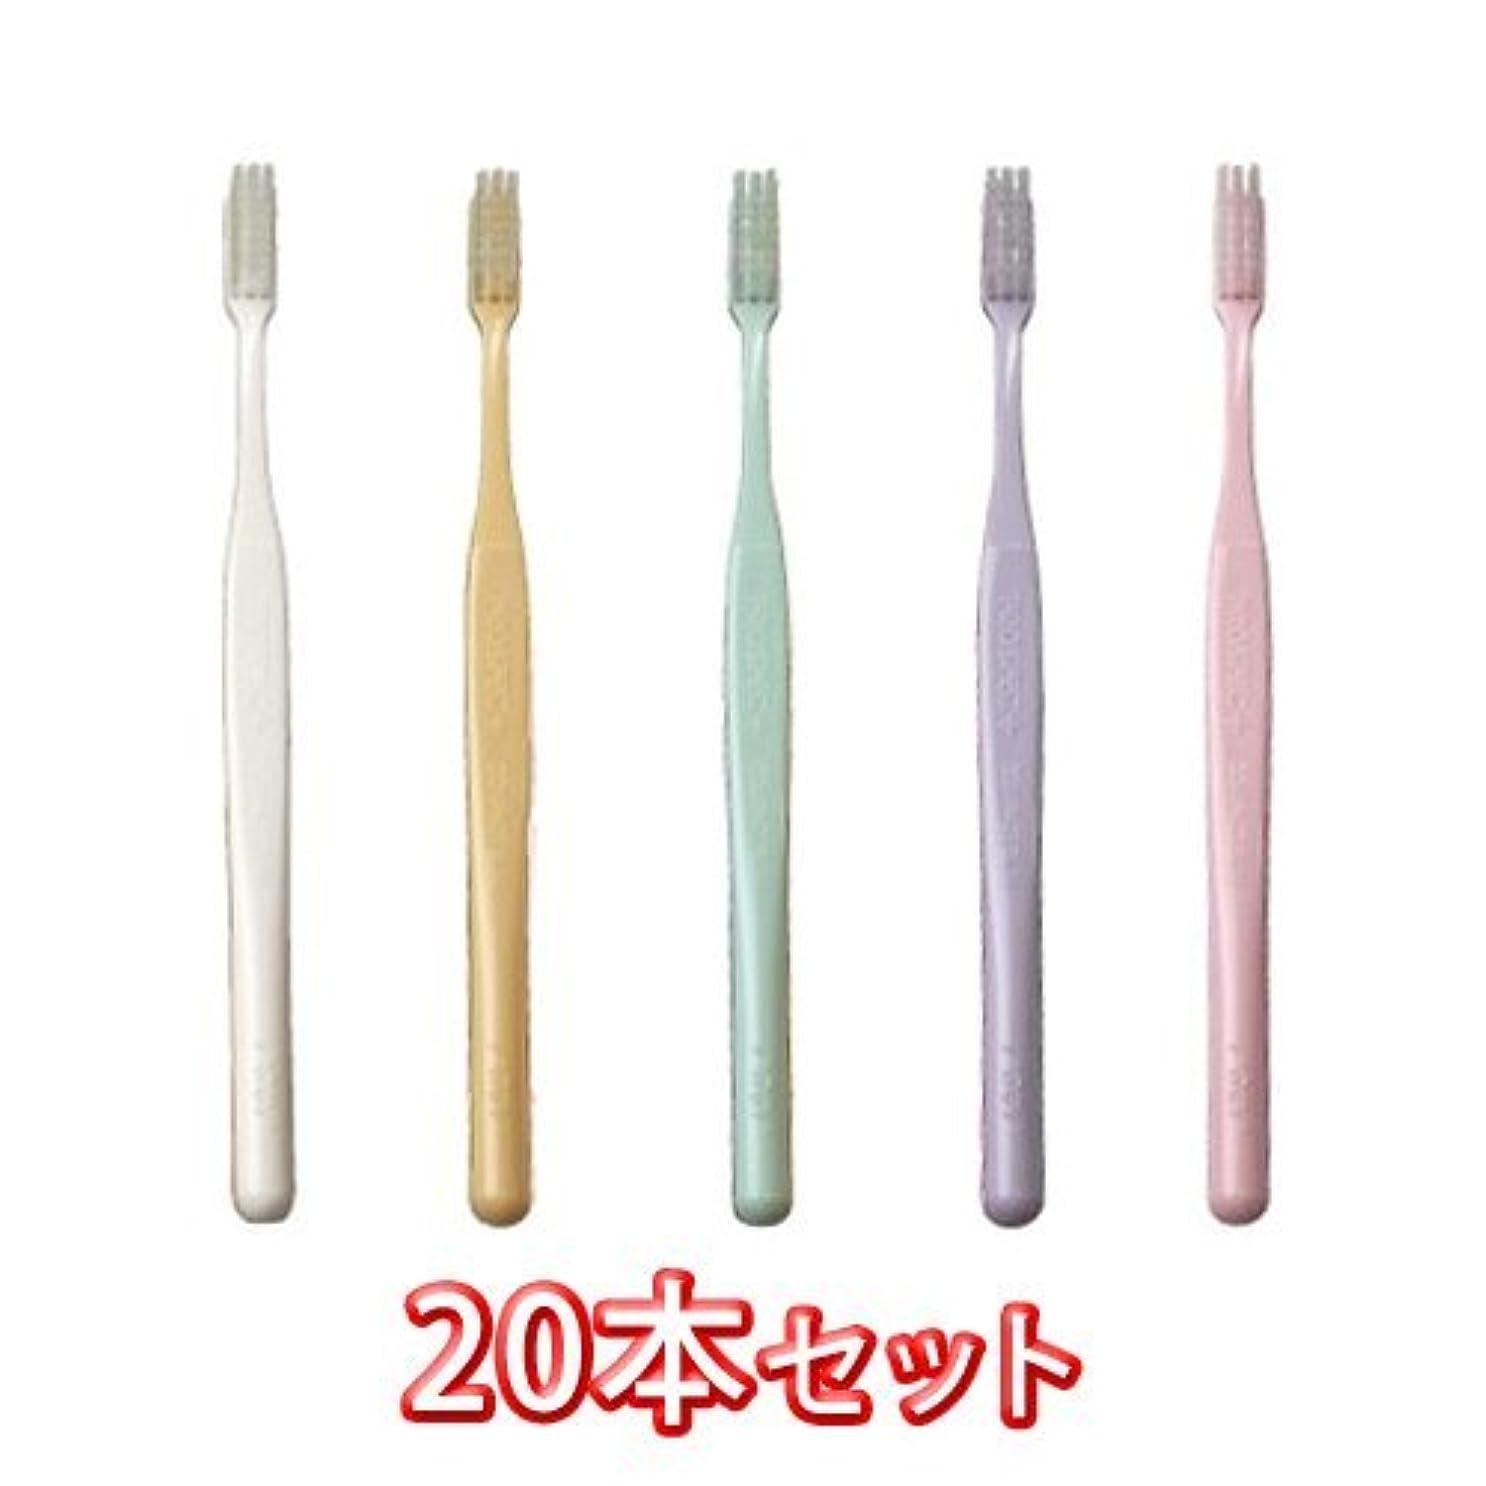 噂予算伴うプロスペック 歯ブラシ プラス コンパクトスリム 20本入 ふつう色 S やわらかめ